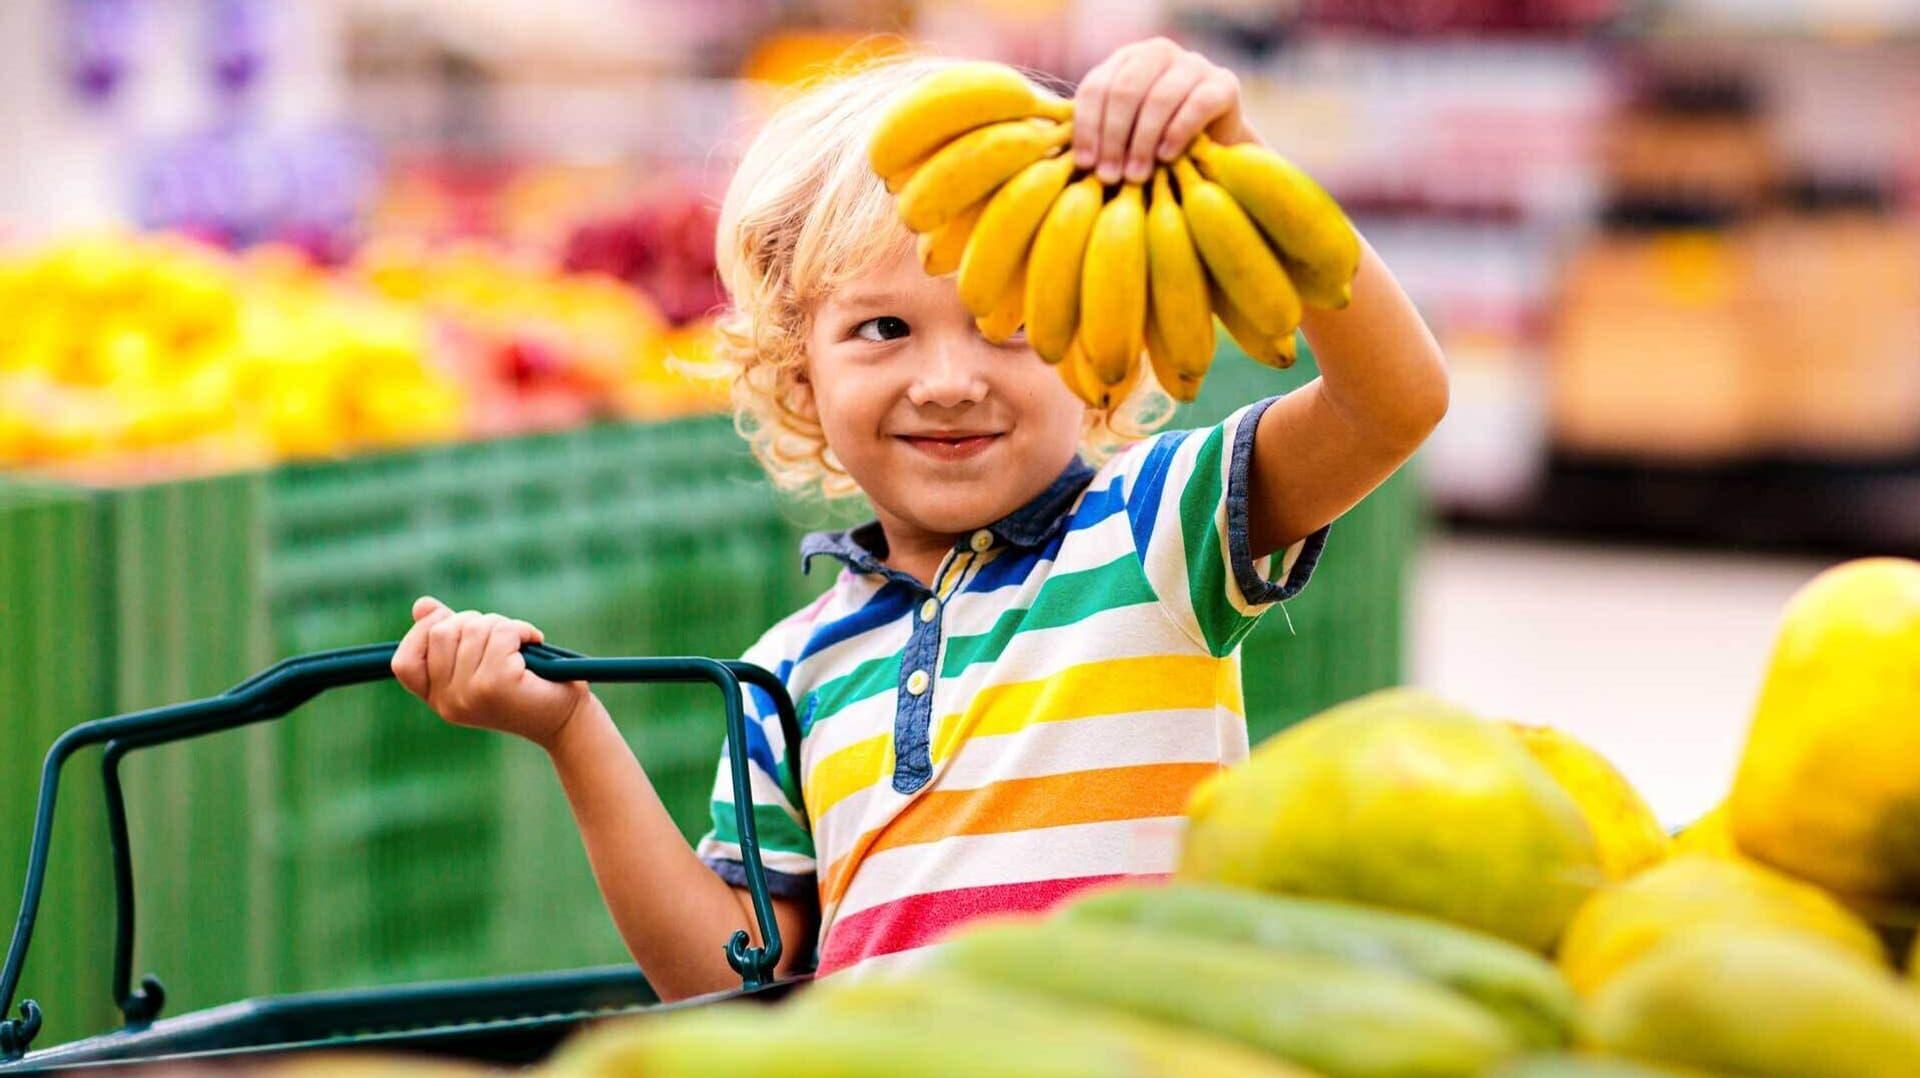 Ein Kind hält Bananen in die Luft